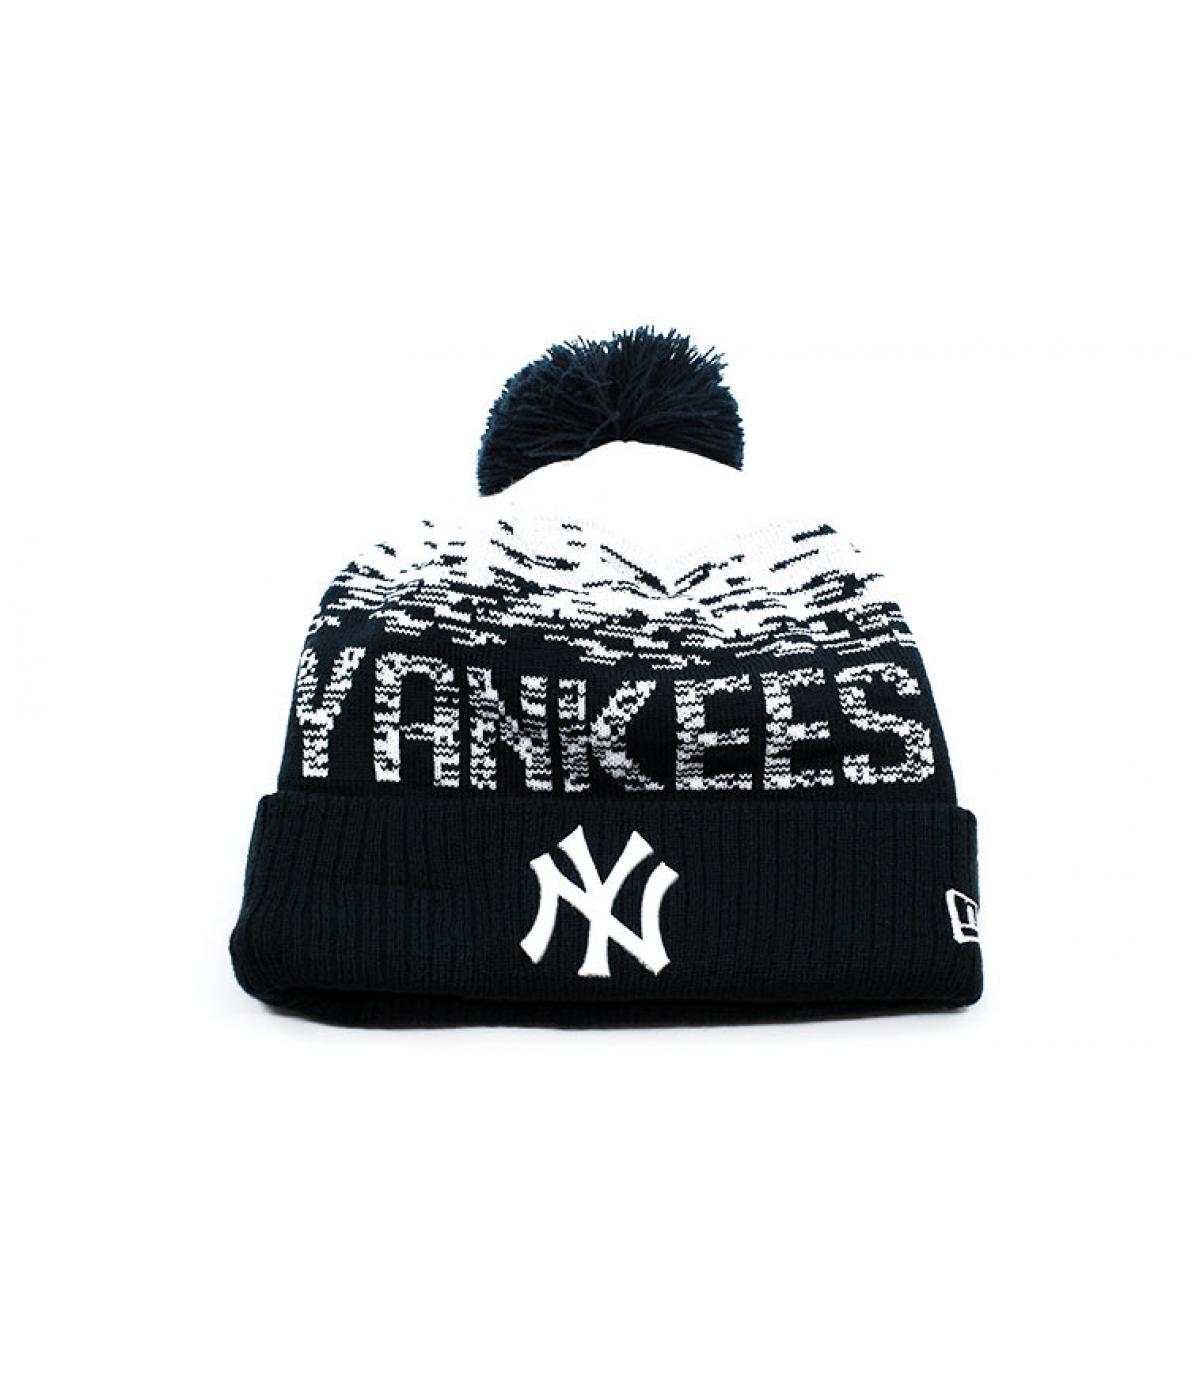 Detalles MLB Sport Knit NY imagen 2